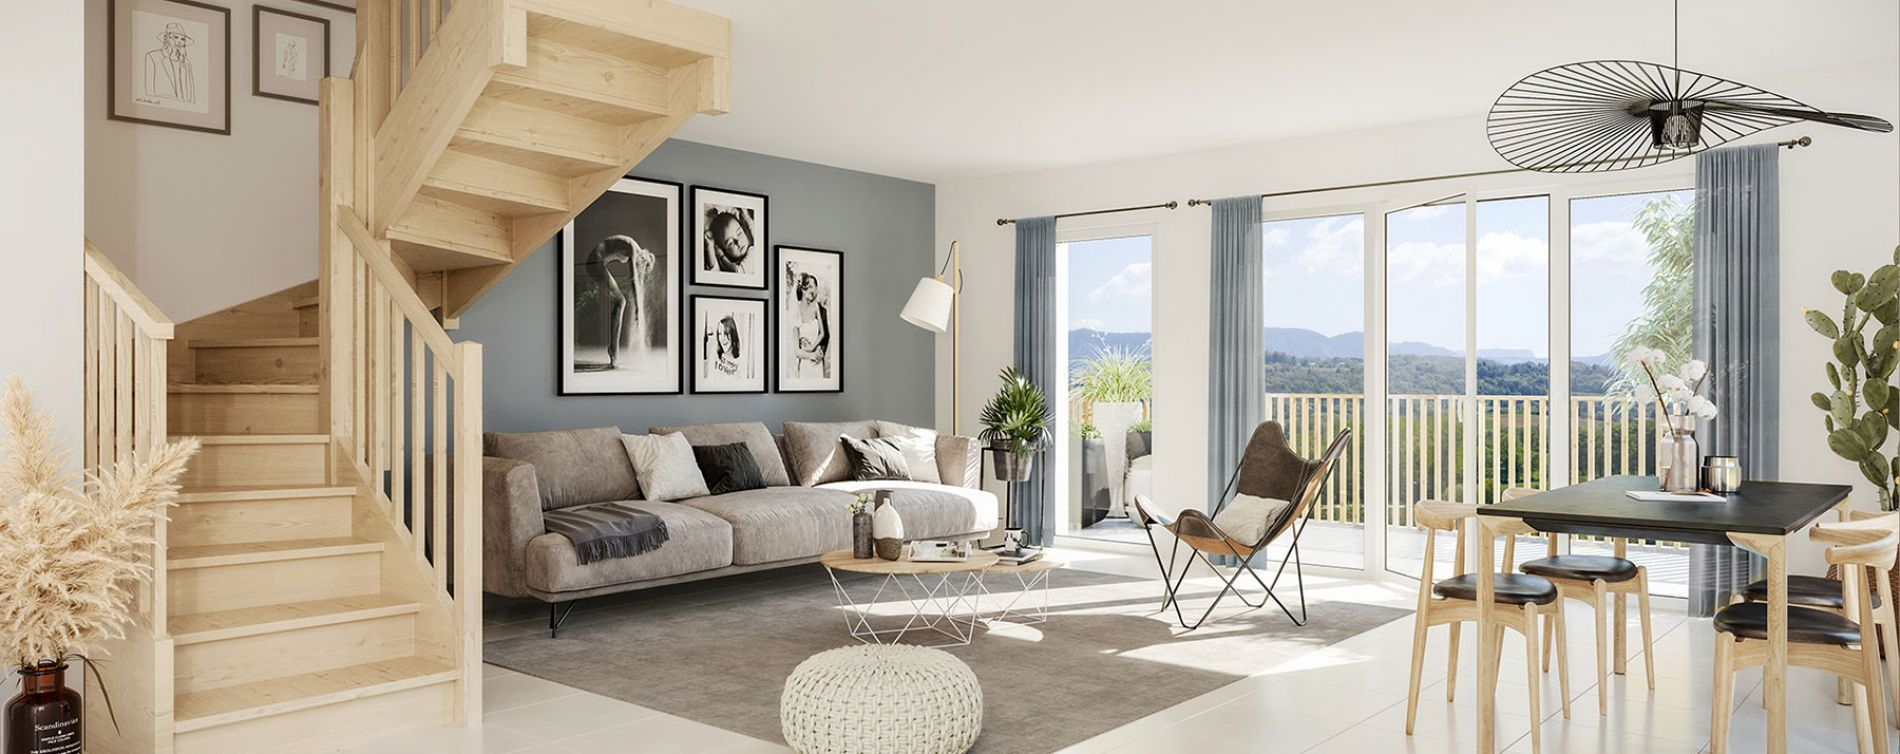 Marigny-Saint-Marcel : programme immobilier neuve « La Clé des Champs » (3)